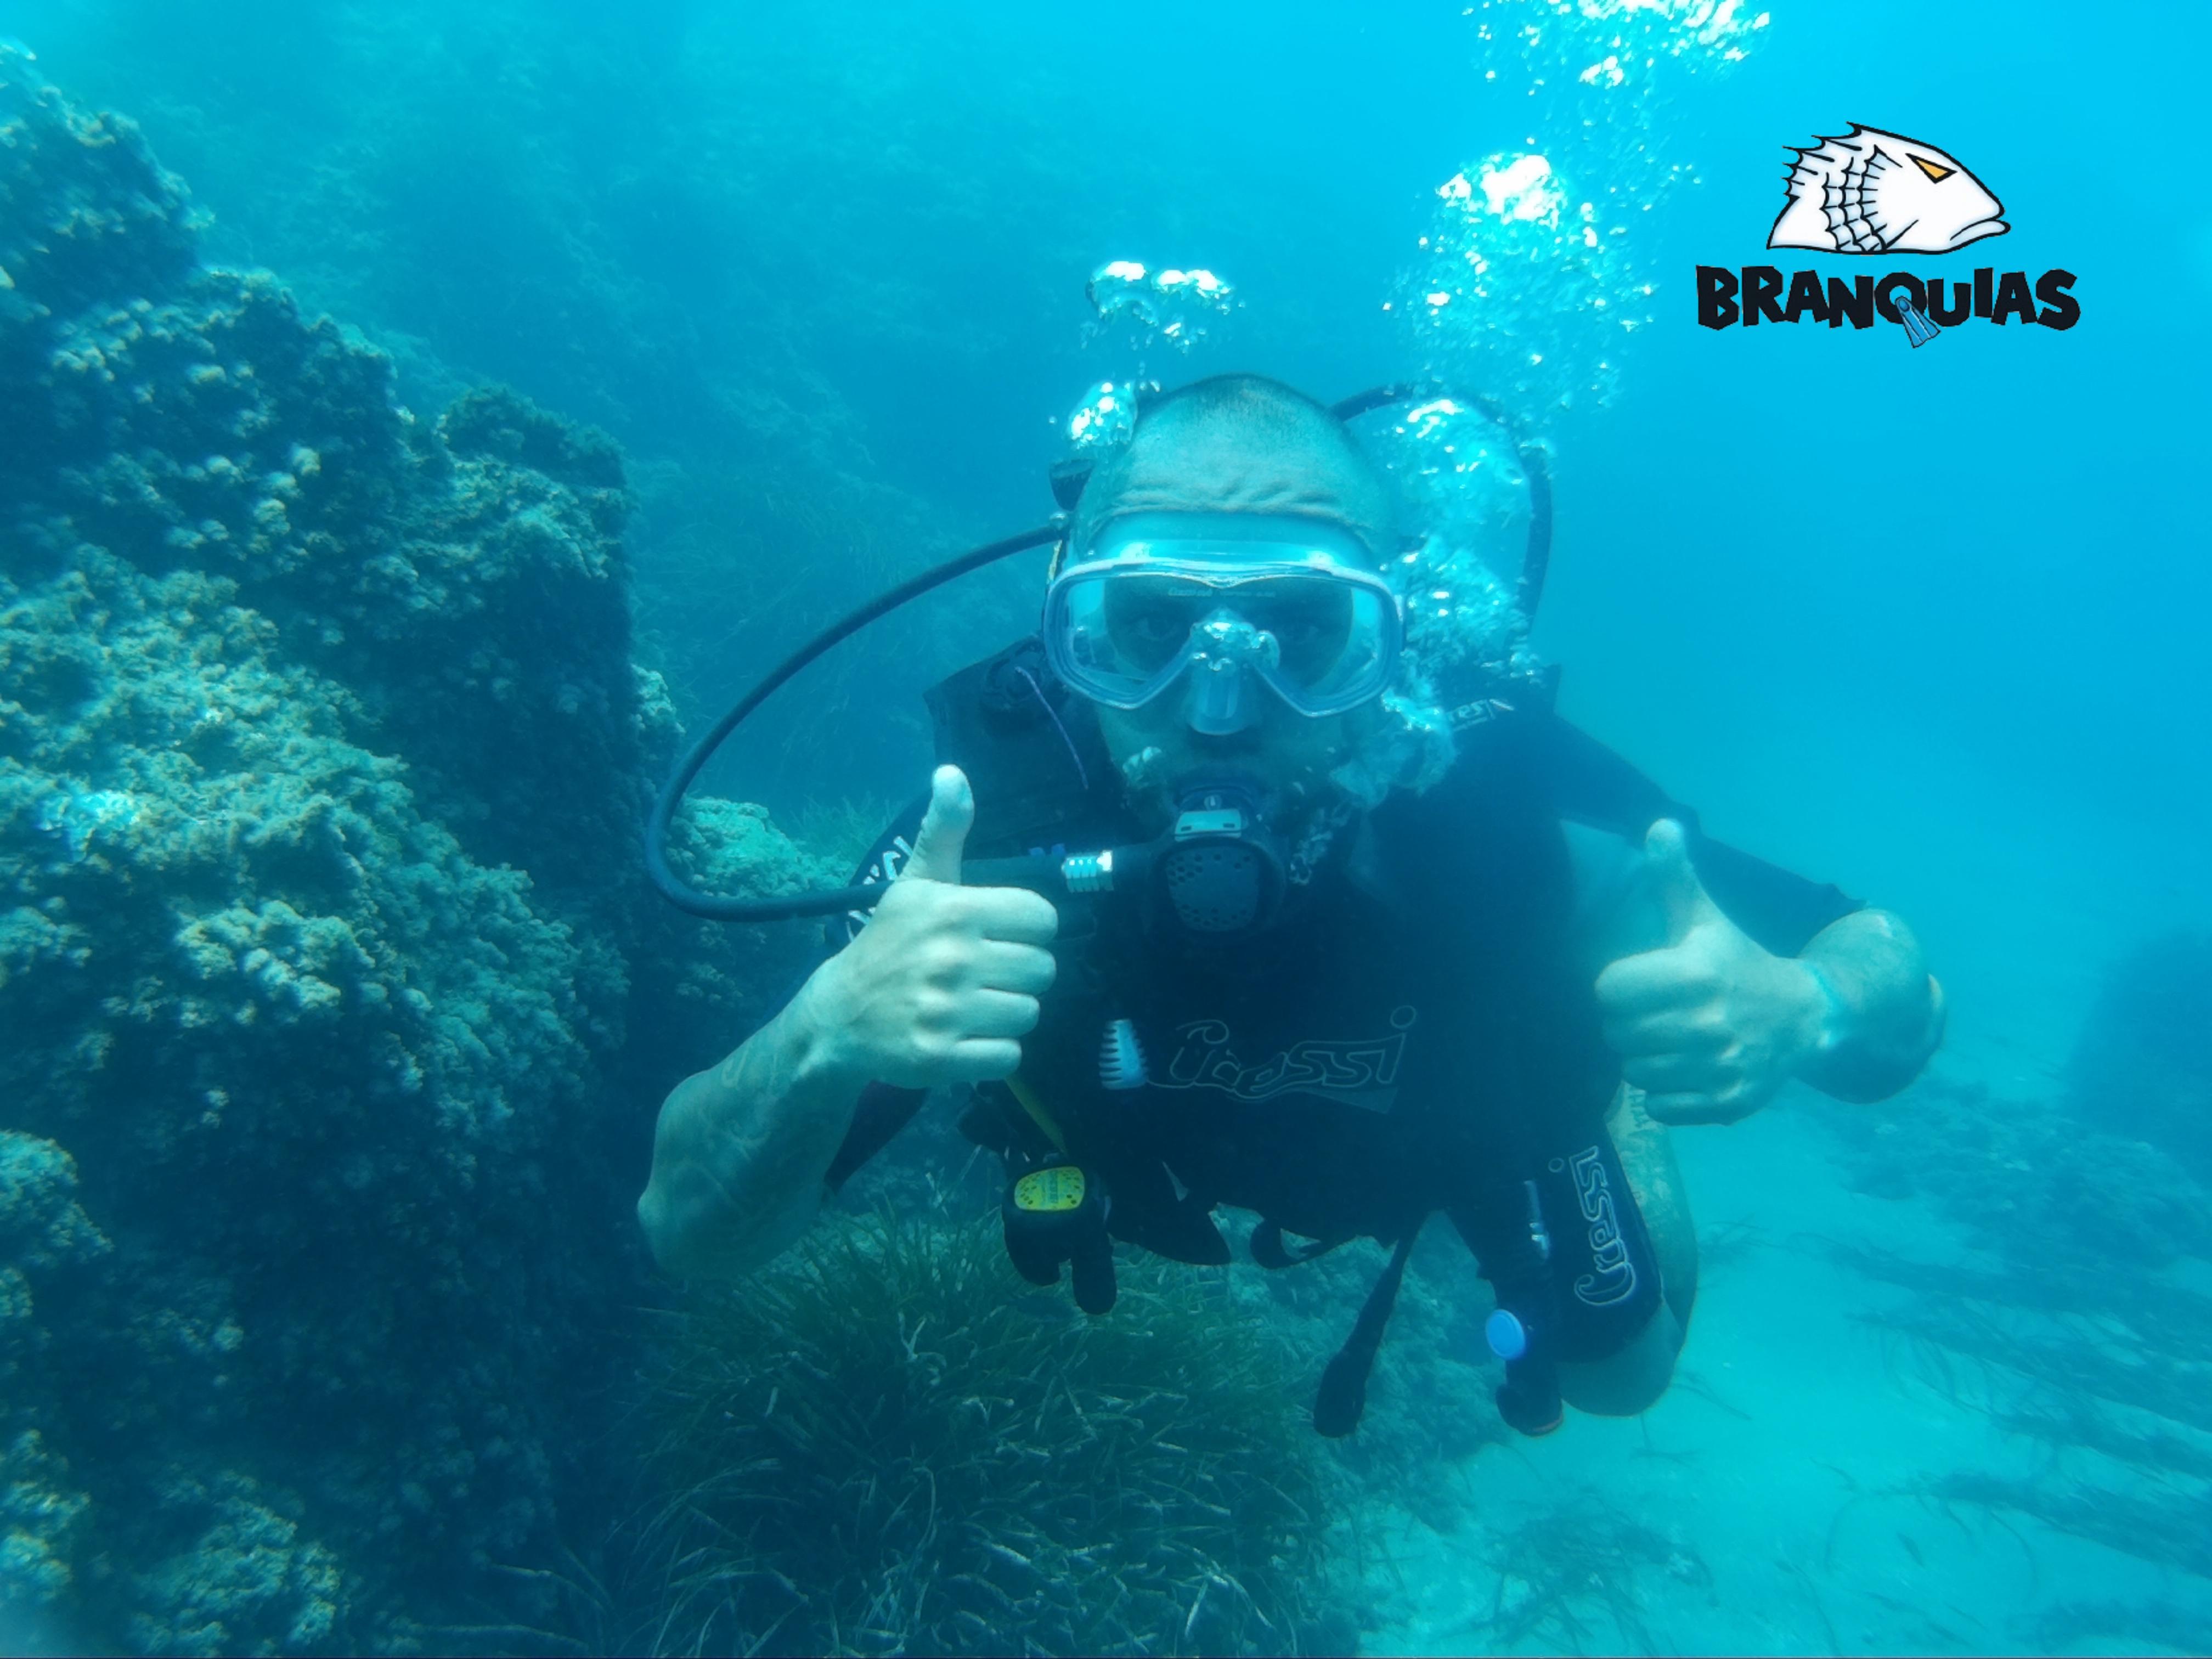 Centro de buceo Branquias Carboneras